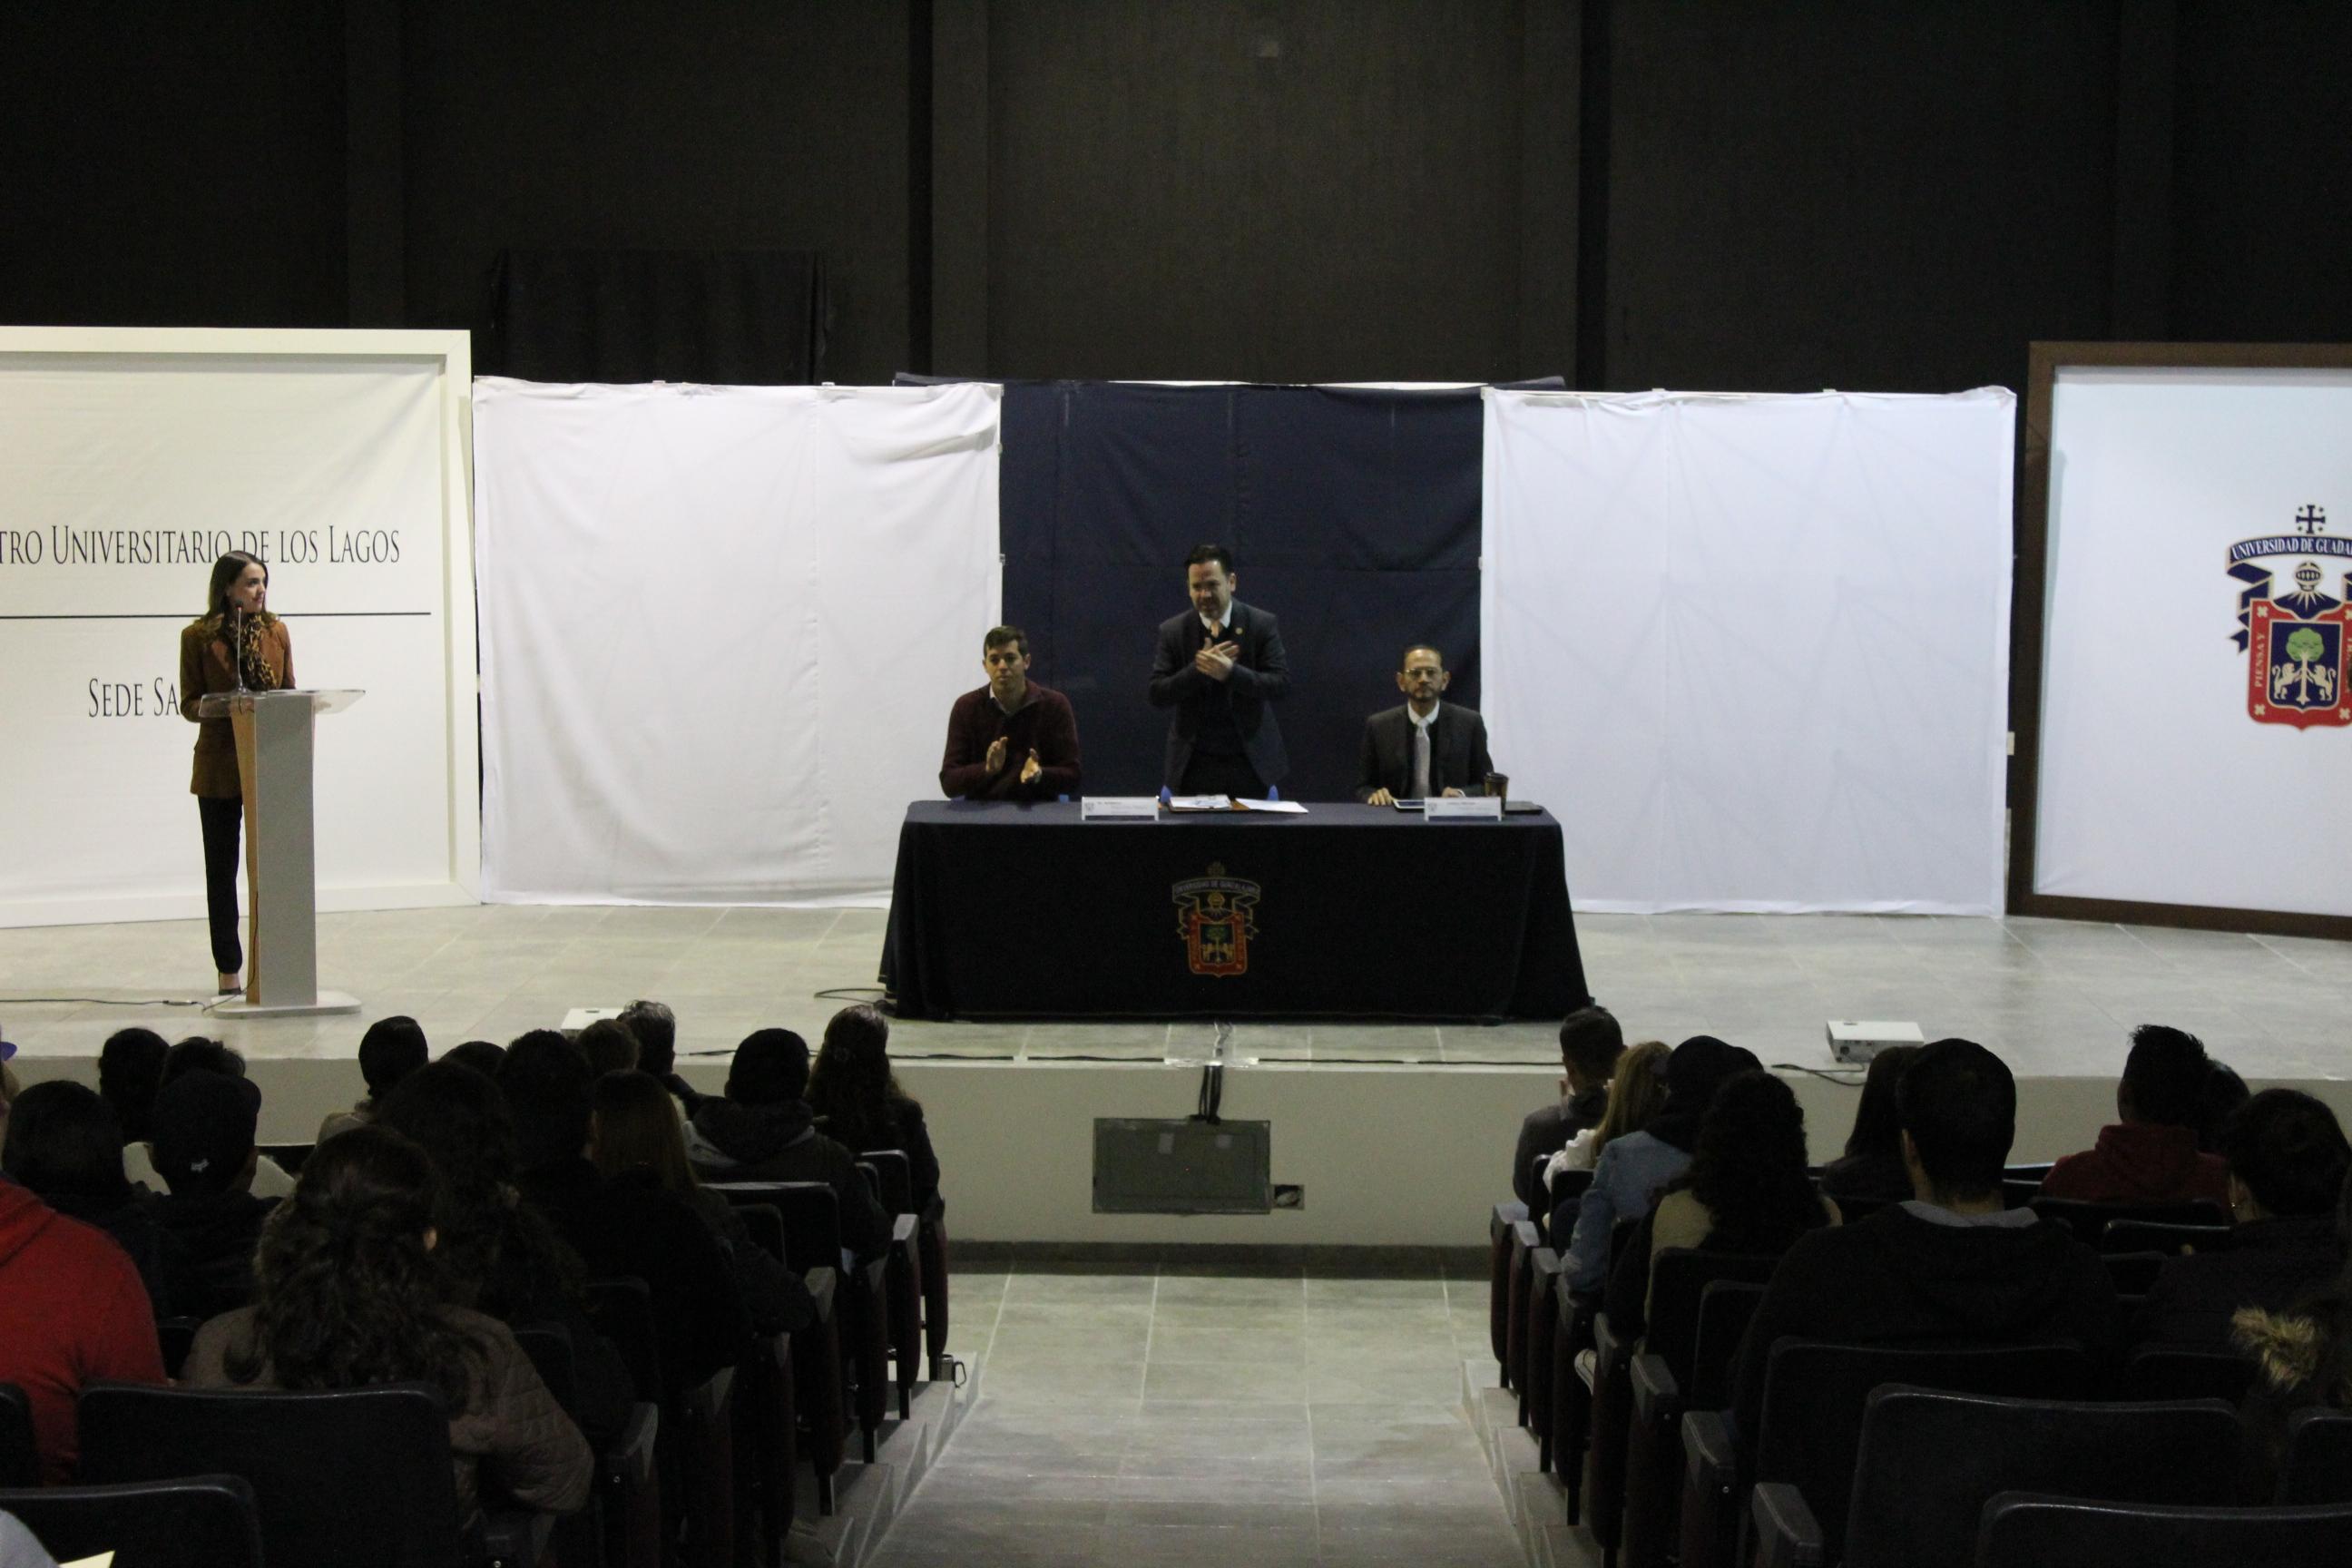 Saludo del doctor Aristarco Regalado, en compañía de las autoridades del CULagos